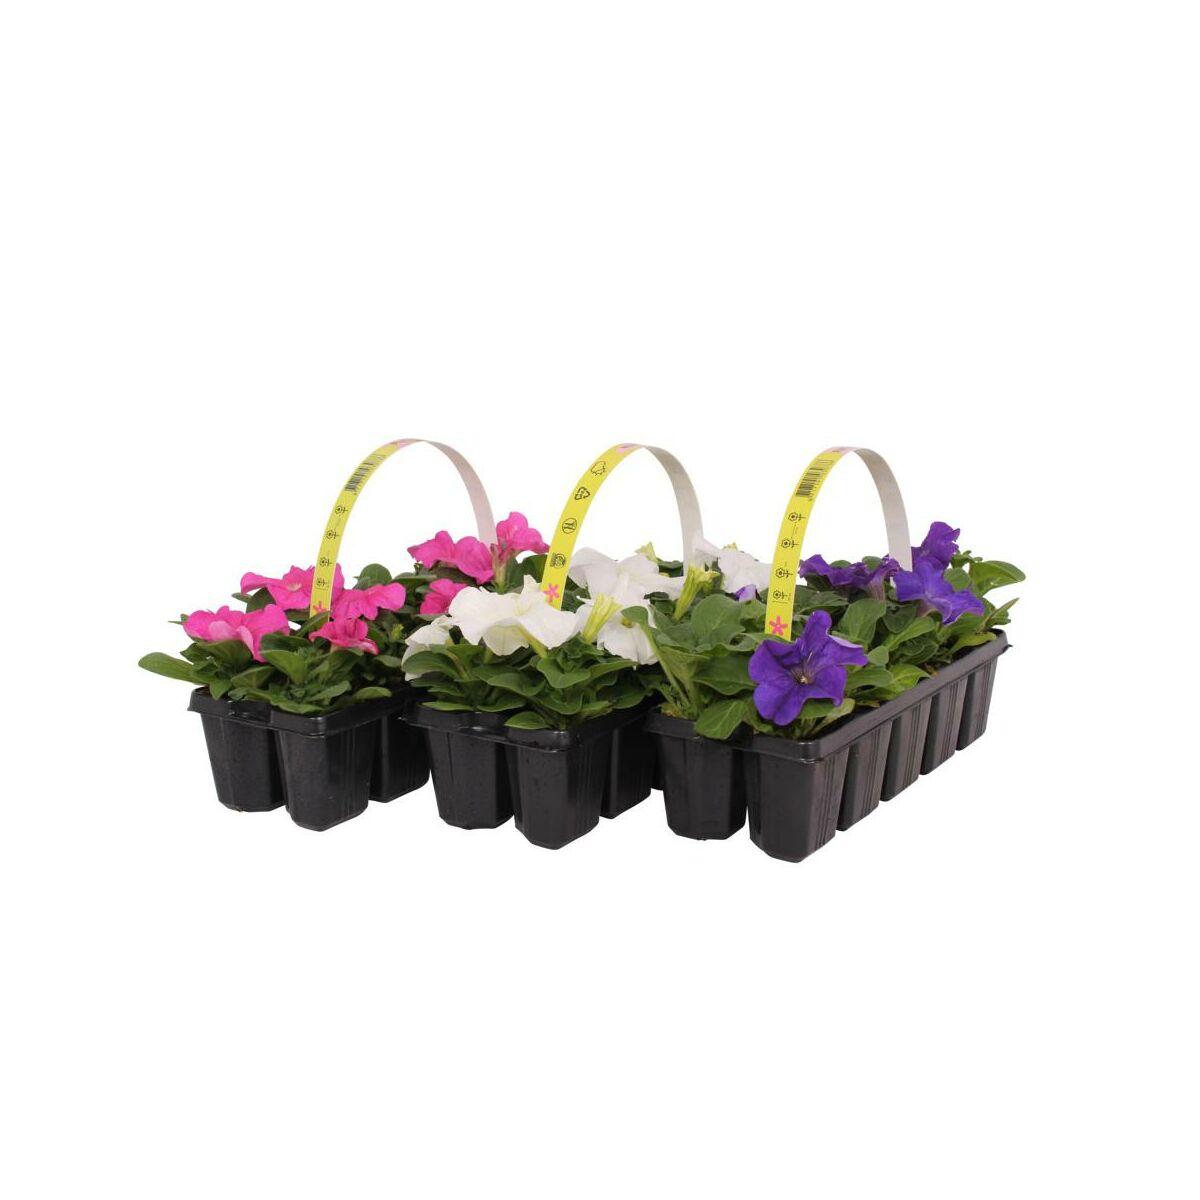 Petunia Mix 10 15 Cm 10 Pak Kwiaty Balkonowe I Ogrodowe W Atrakcyjnej Cenie W Sklepach Leroy Merlin